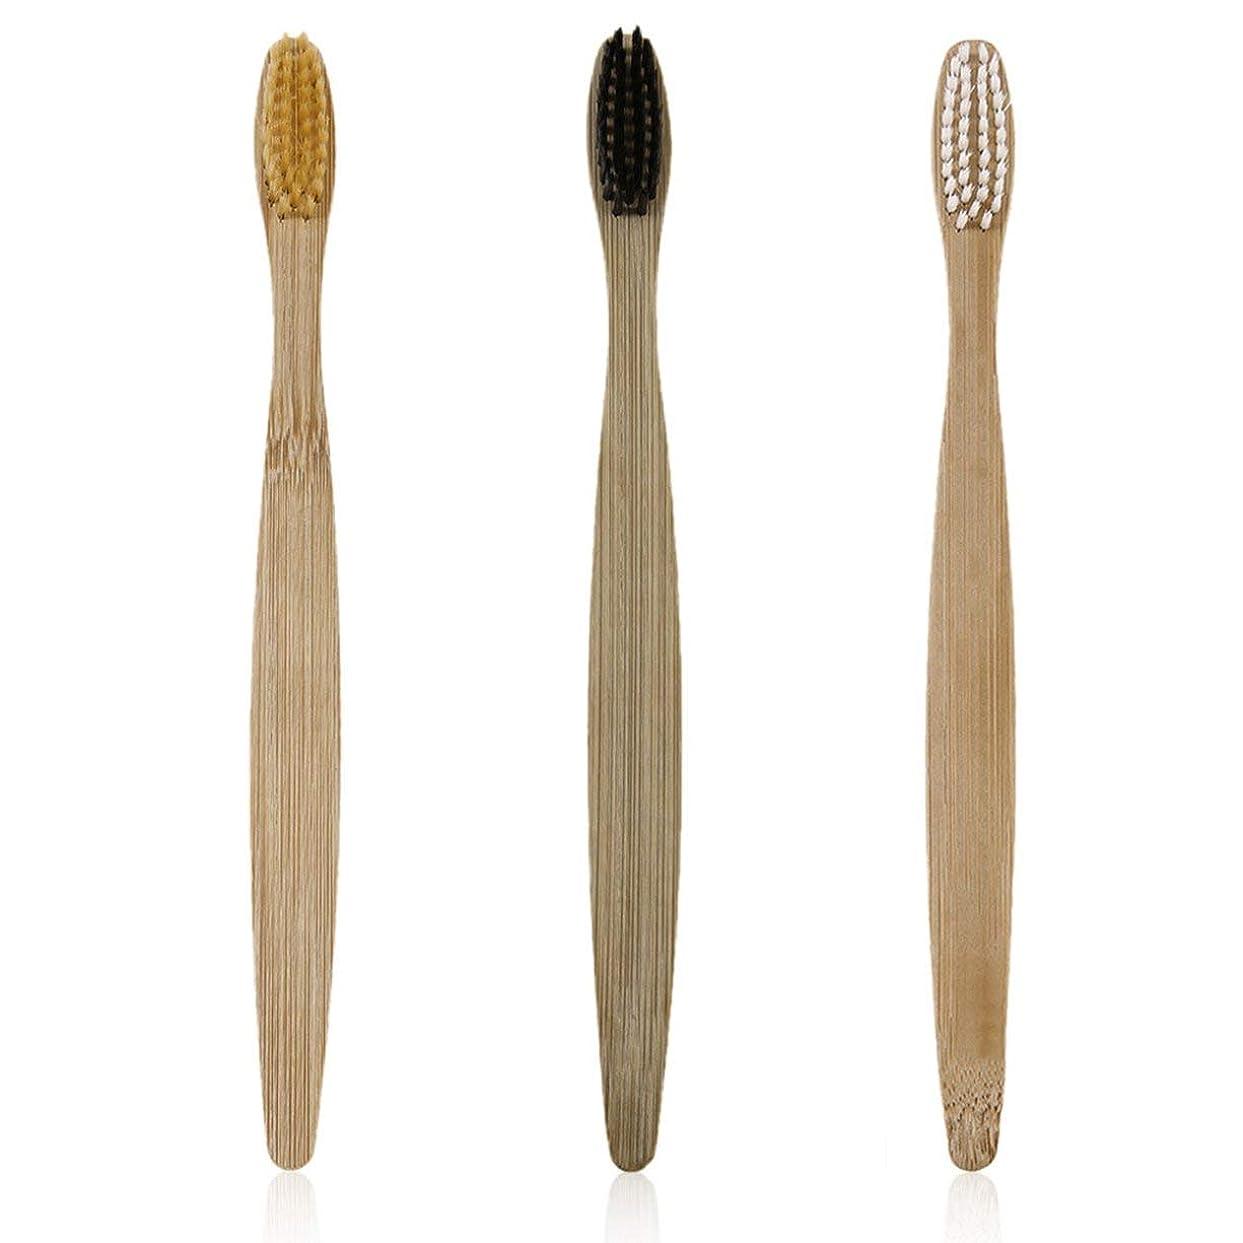 プレビュー科学ドループ3本/セット環境に優しい木製の歯ブラシ竹の歯ブラシ柔らかい竹繊維の木製のハンドル低炭素環境に優しい - ブラック/ホワイト/イエロー